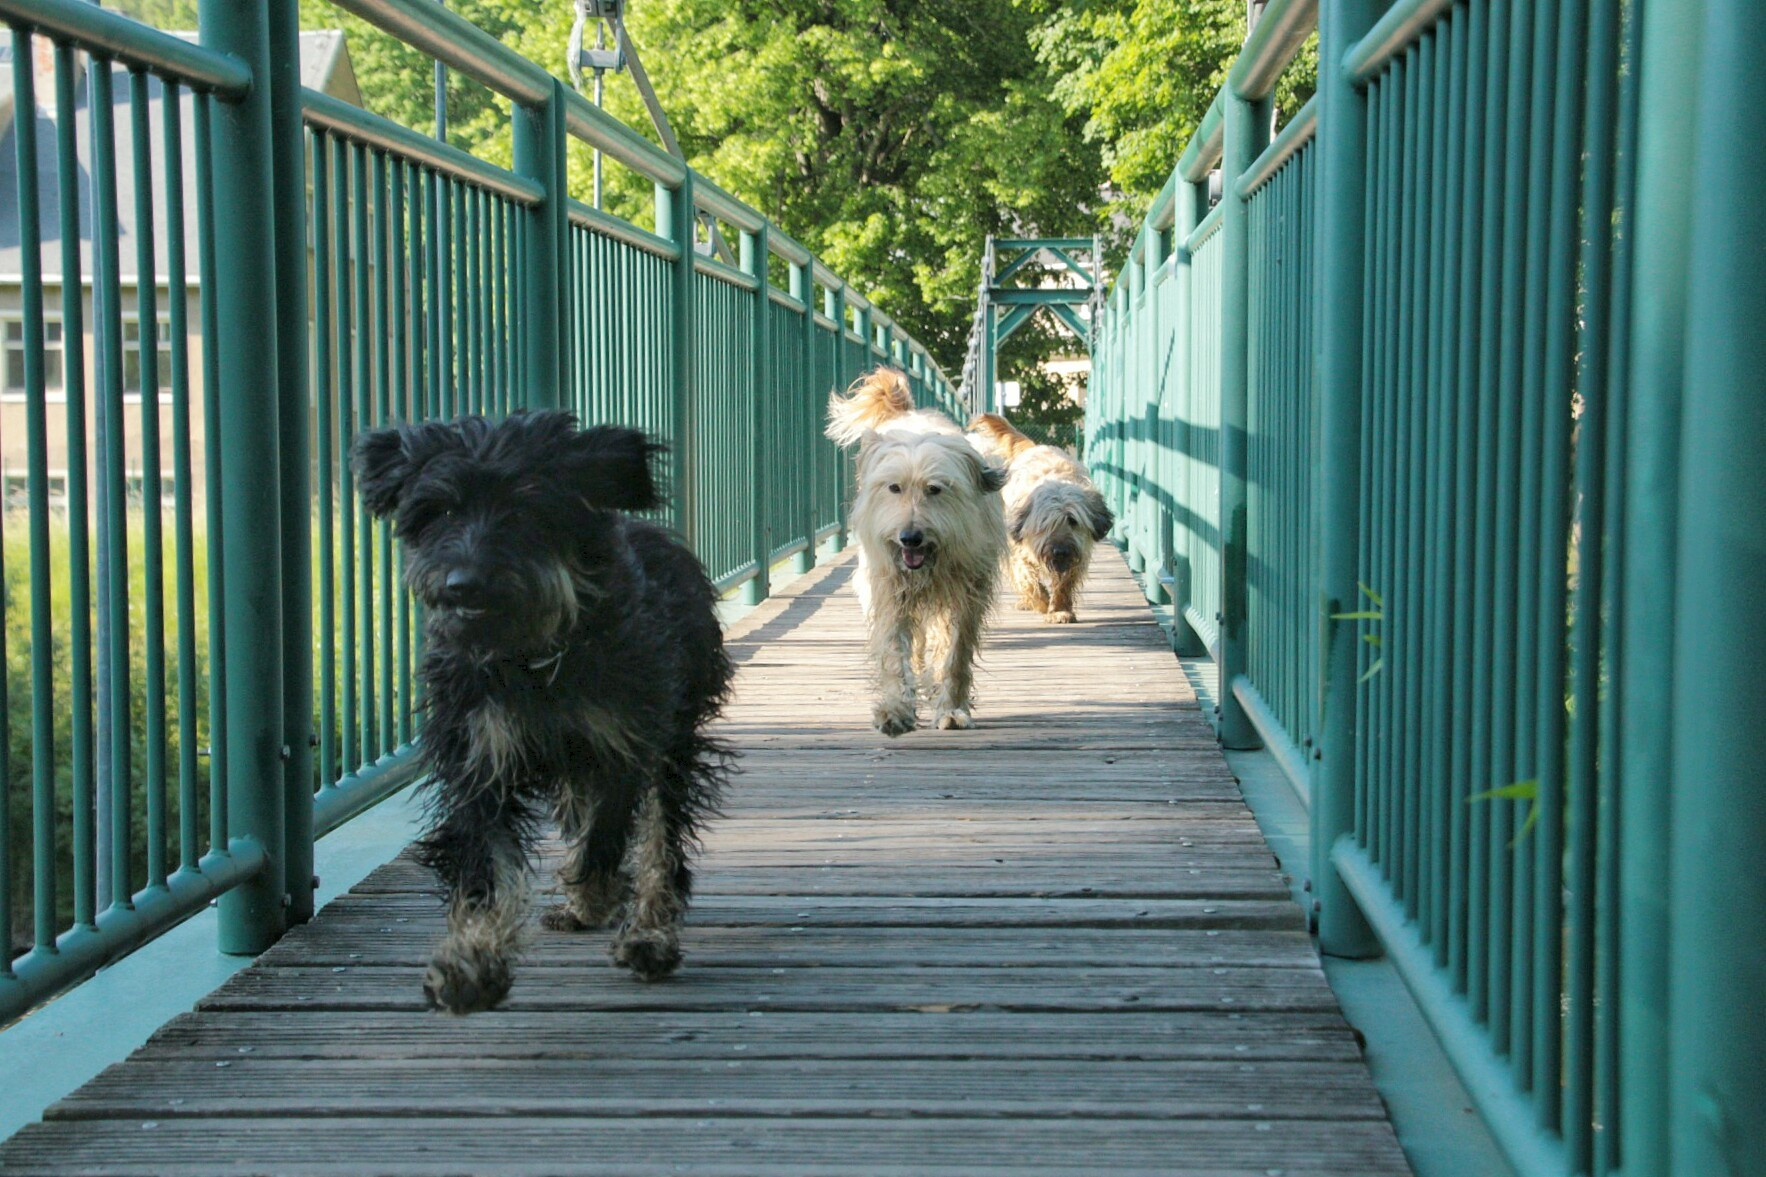 Lili macht es Spaß über die Brücke zu rennen